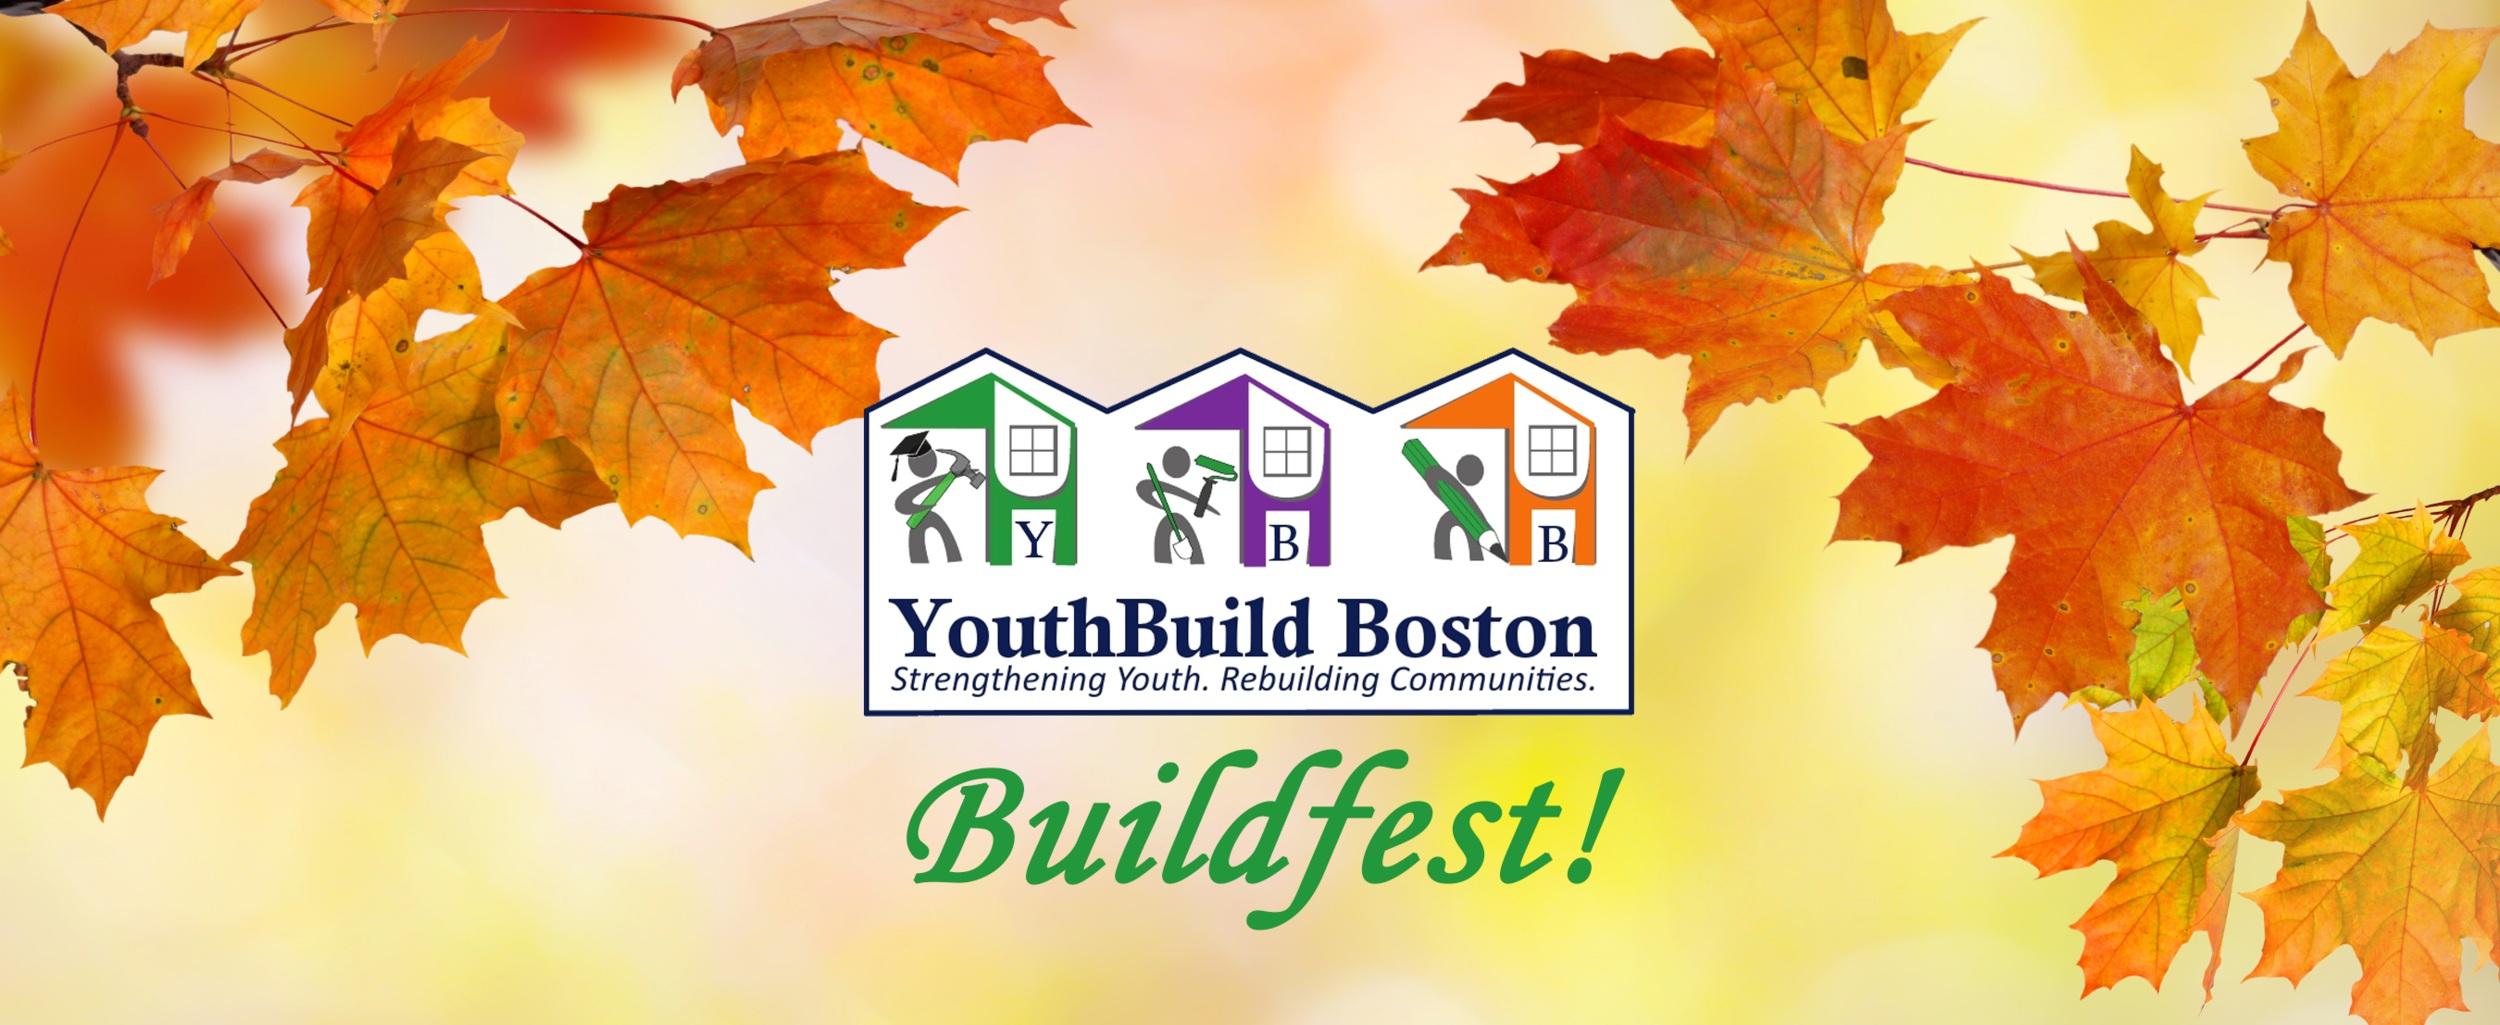 buildfest1.jpg